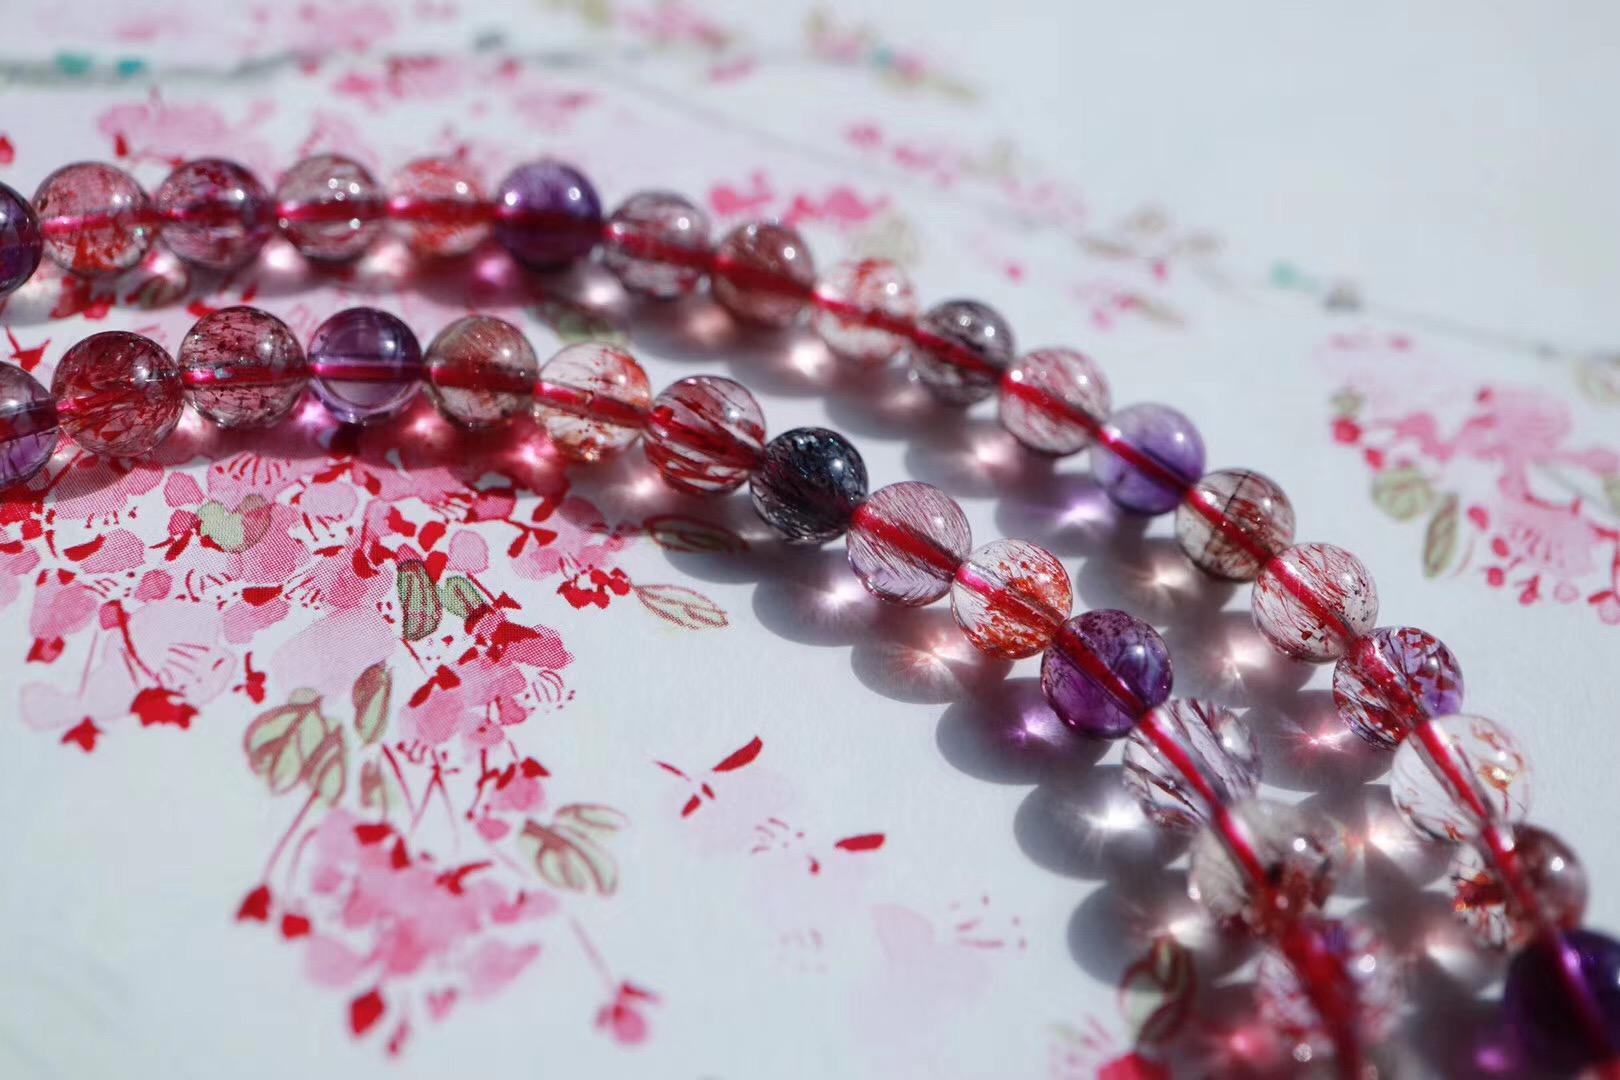 【极品紫发晶】紫发晶可助安神,带来诸多灵感-菩心晶舍